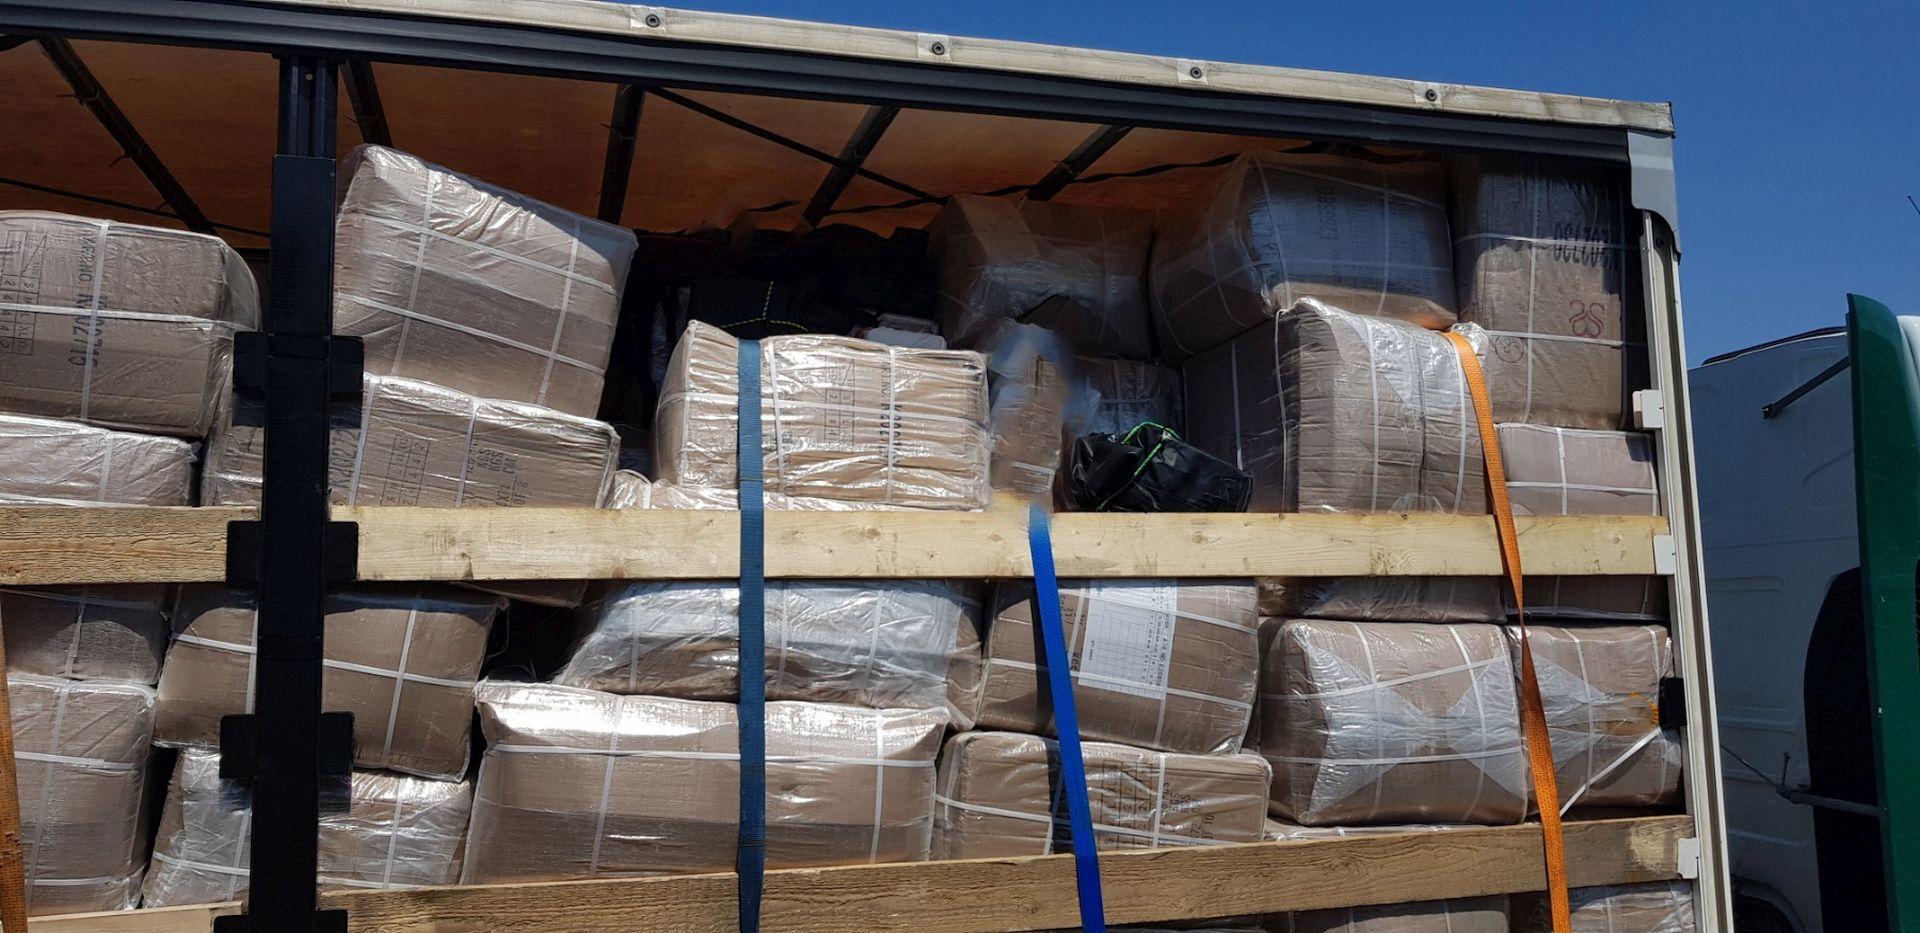 Πάτρα: Άνοιξαν την καρότσα του φορτηγού και είδαν αυτές τις εικόνες! Η μεγαλύτερη ποσότητα κοκαΐνης (pics, vid)